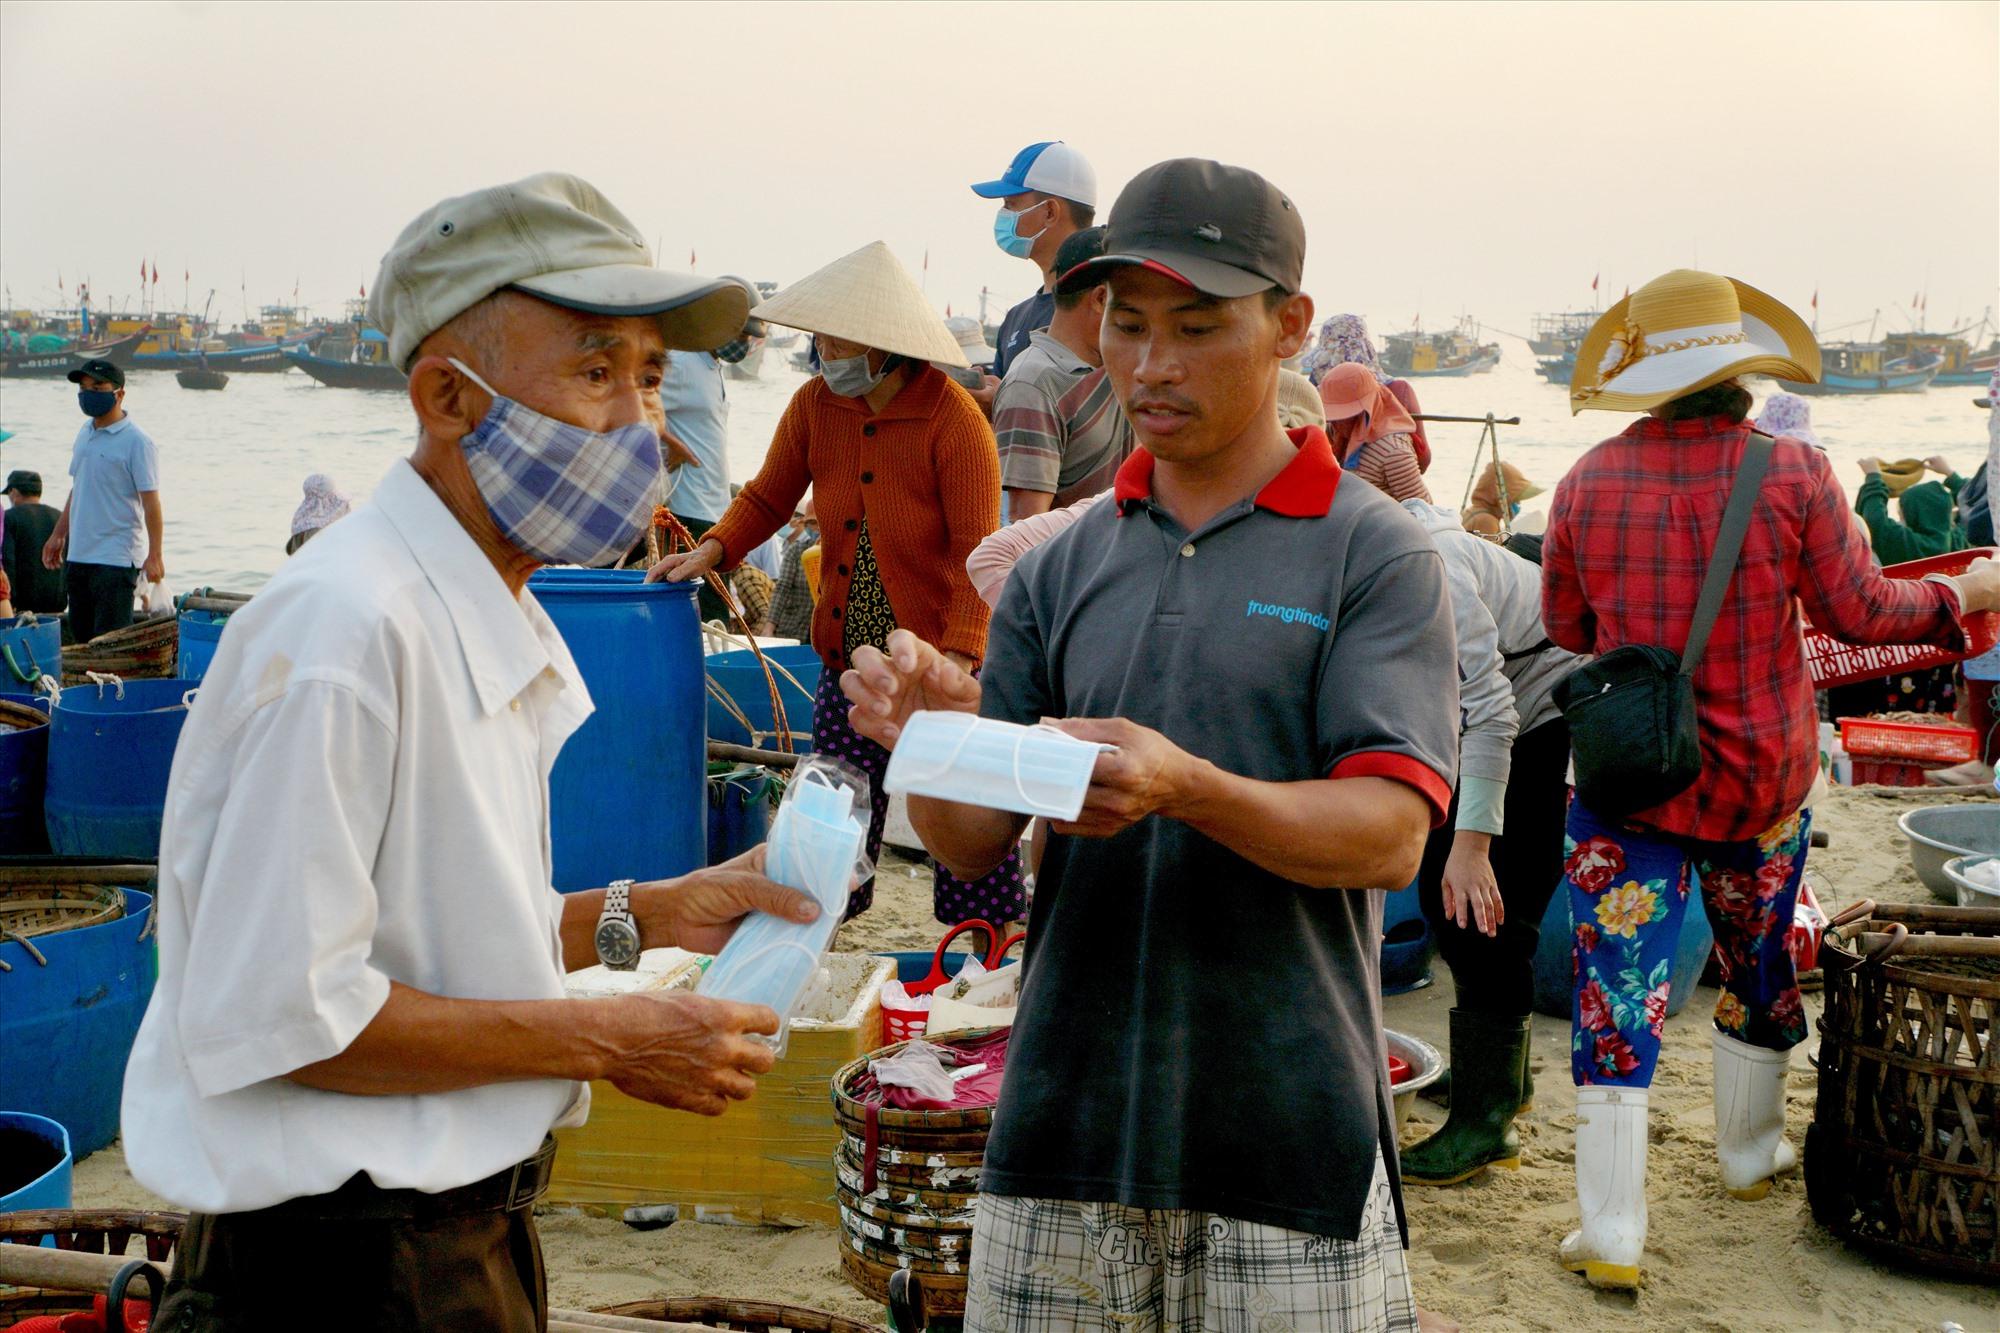 Phát và hướng dẫn người dân đeo khẩu trang để phòng chống dịch bệnh Covid-19. Ảnh: Nguyễn Điện Ngọc